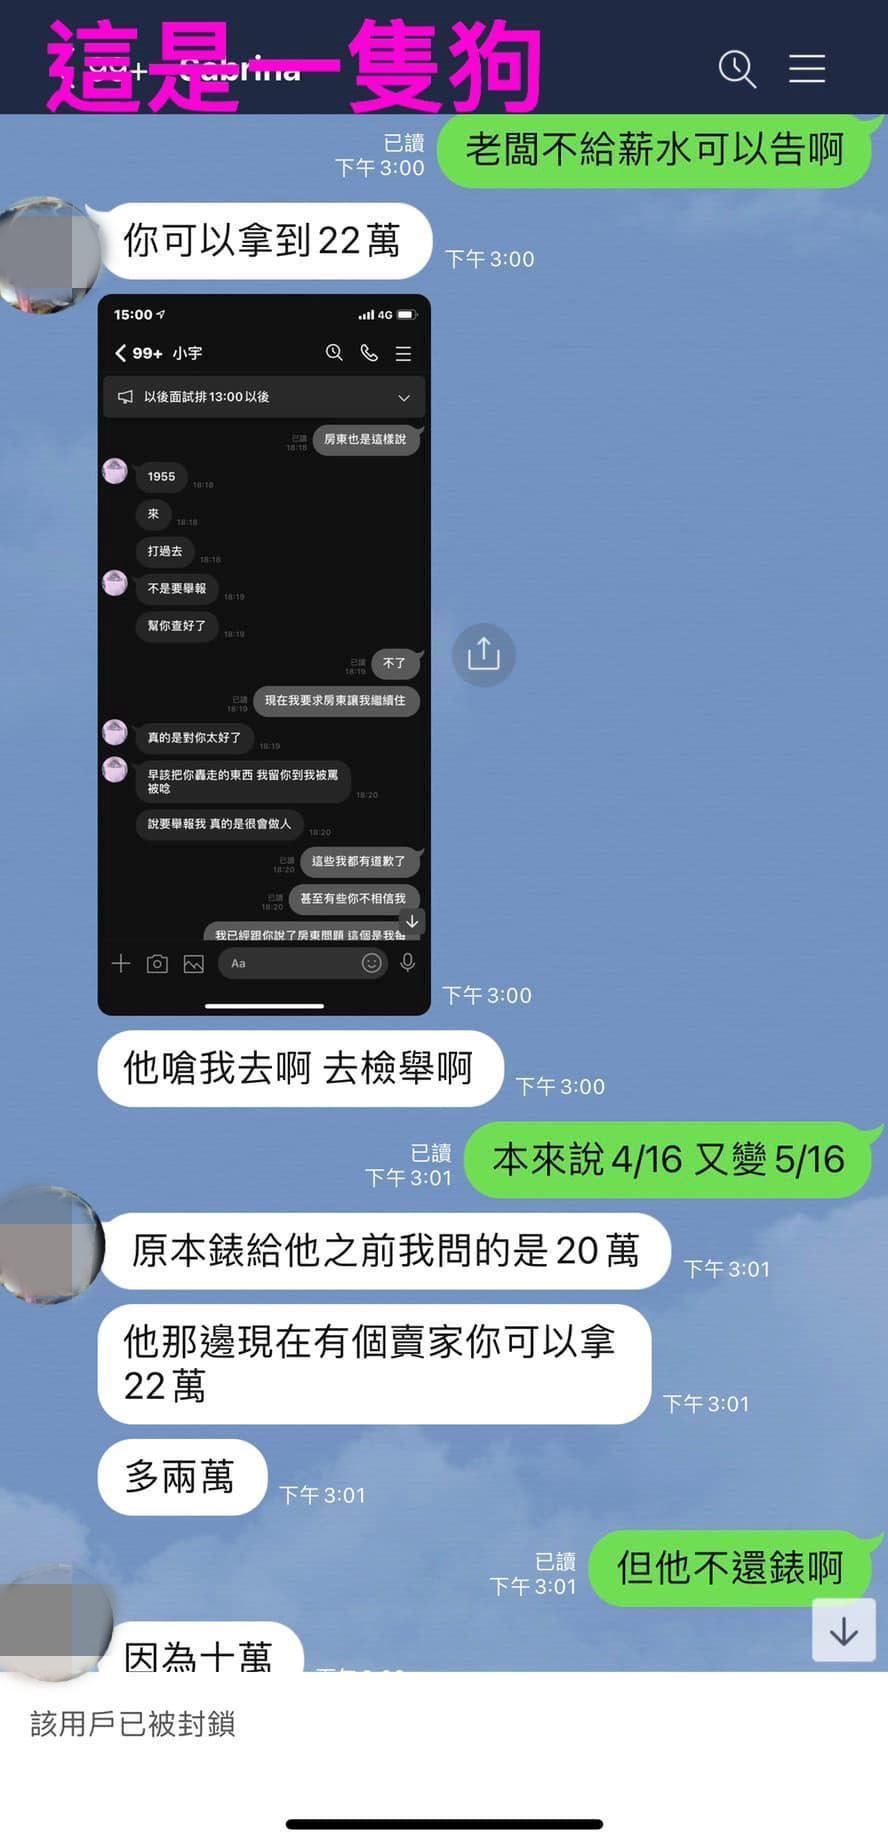 莉婭發文公開謝和弦與陳女對話。 圖/擷自莉婭臉書